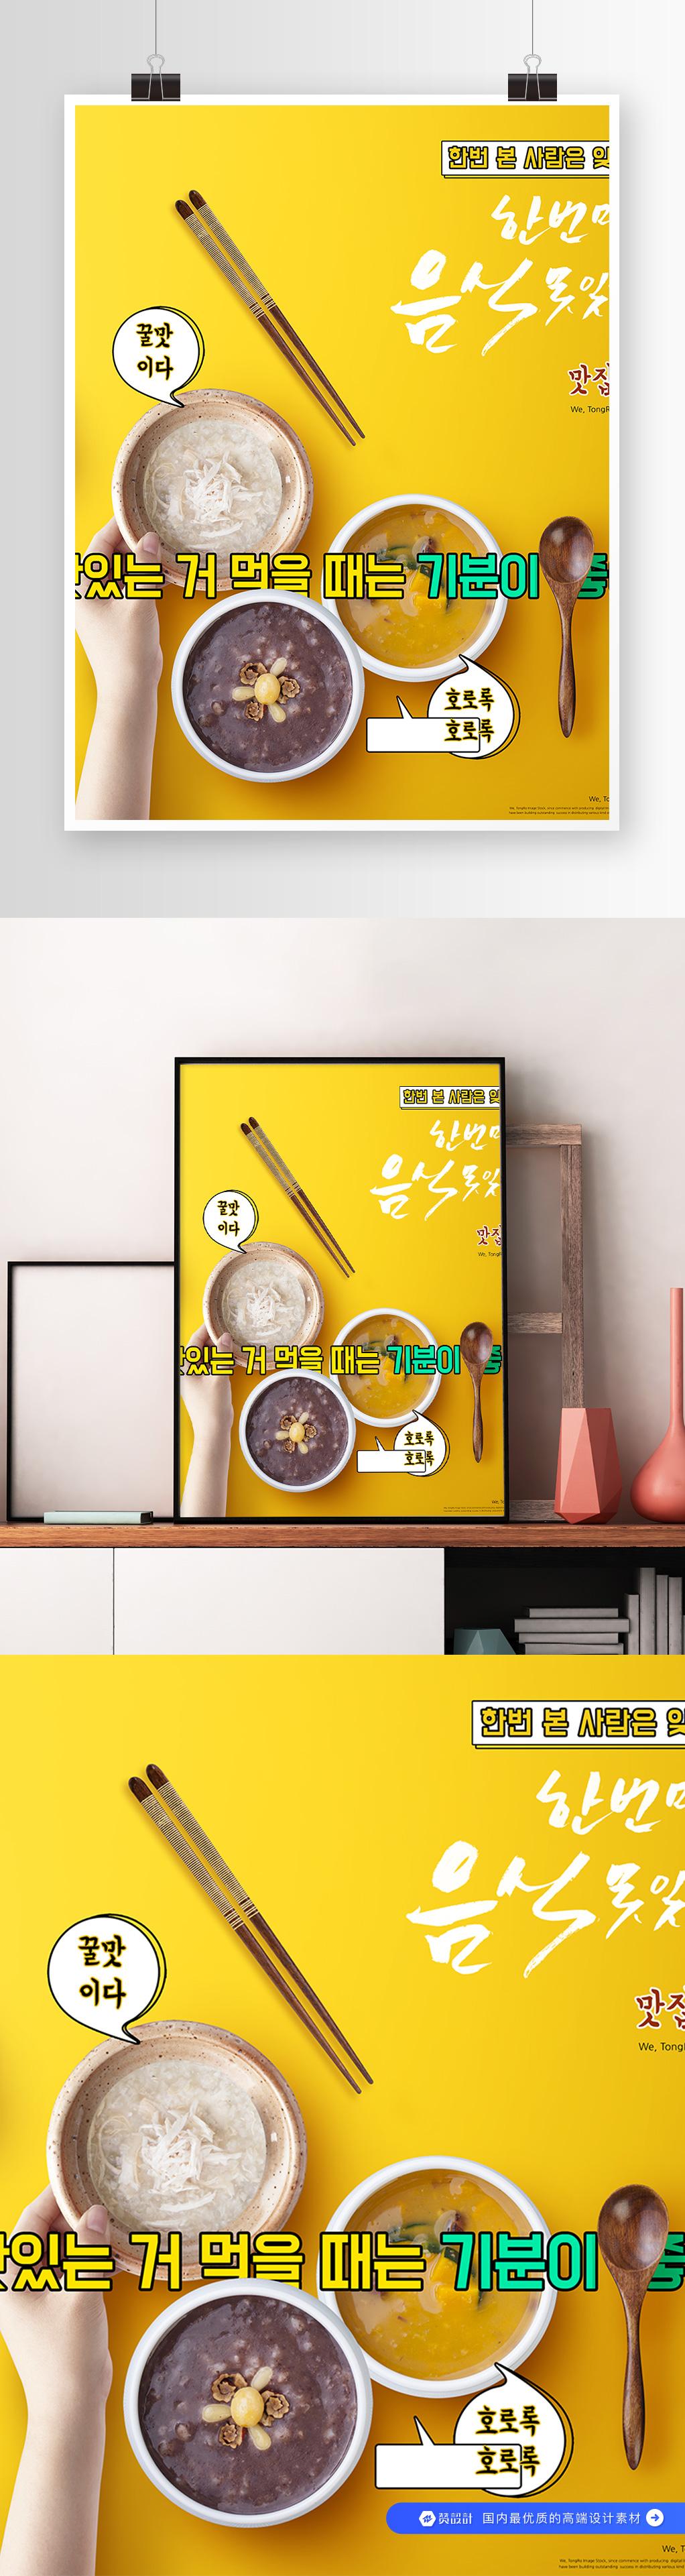 韩式美食营养粥美食海报素材